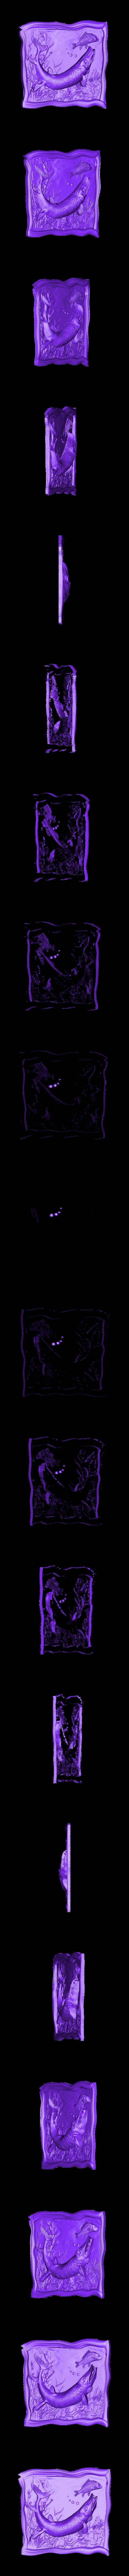 909. Panno.stl Télécharger fichier STL gratuit Poisson • Plan à imprimer en 3D, stl3dmodel